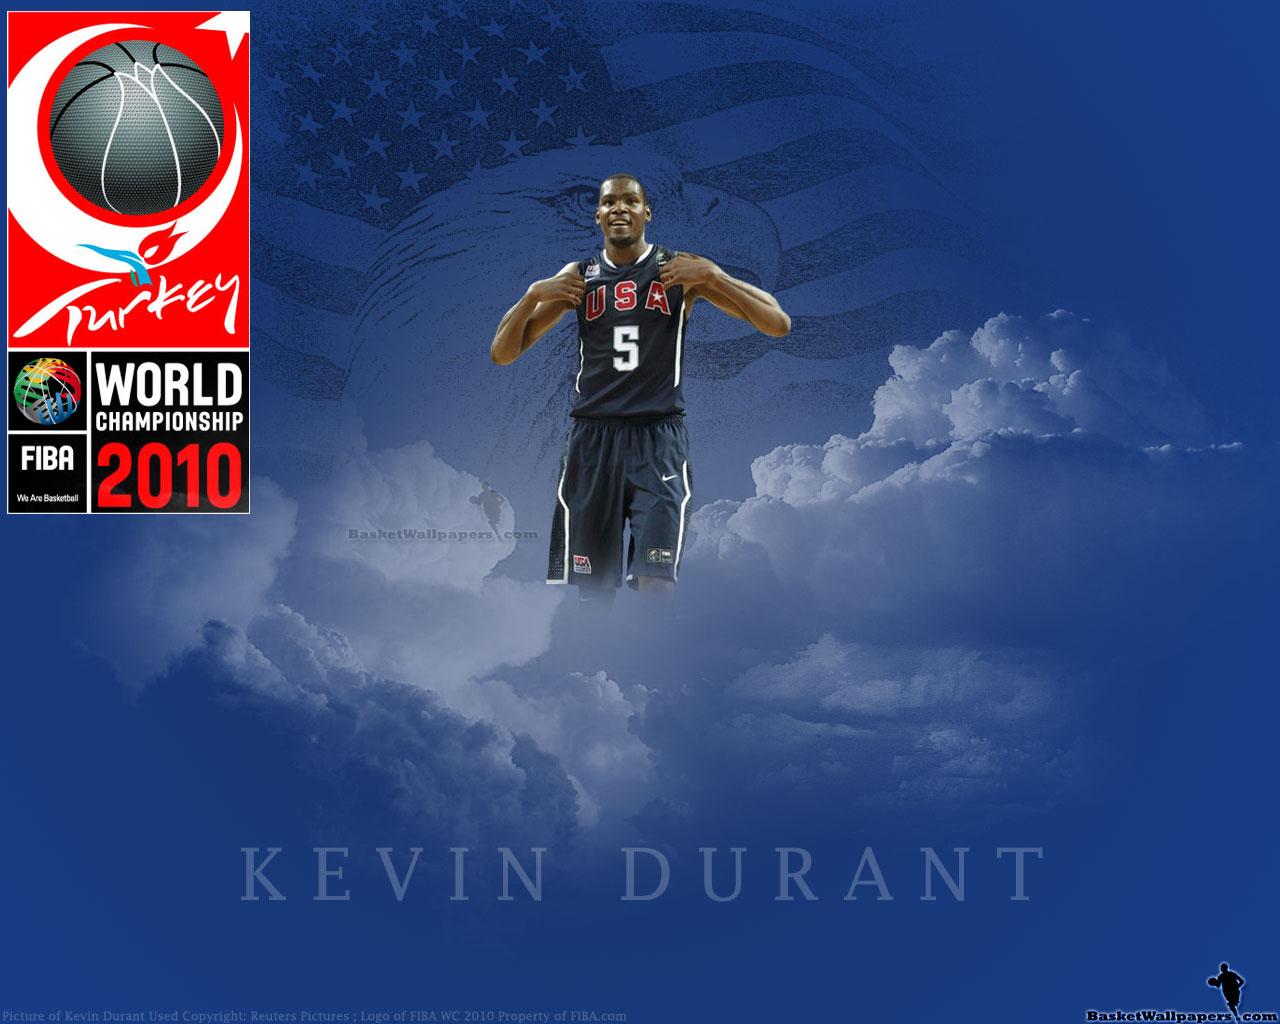 Kevin Durant FIBA WC 2010 Wallpaper. Kevin Durant FIBA WC 2010 Wallpaper   Basketball Wallpapers at